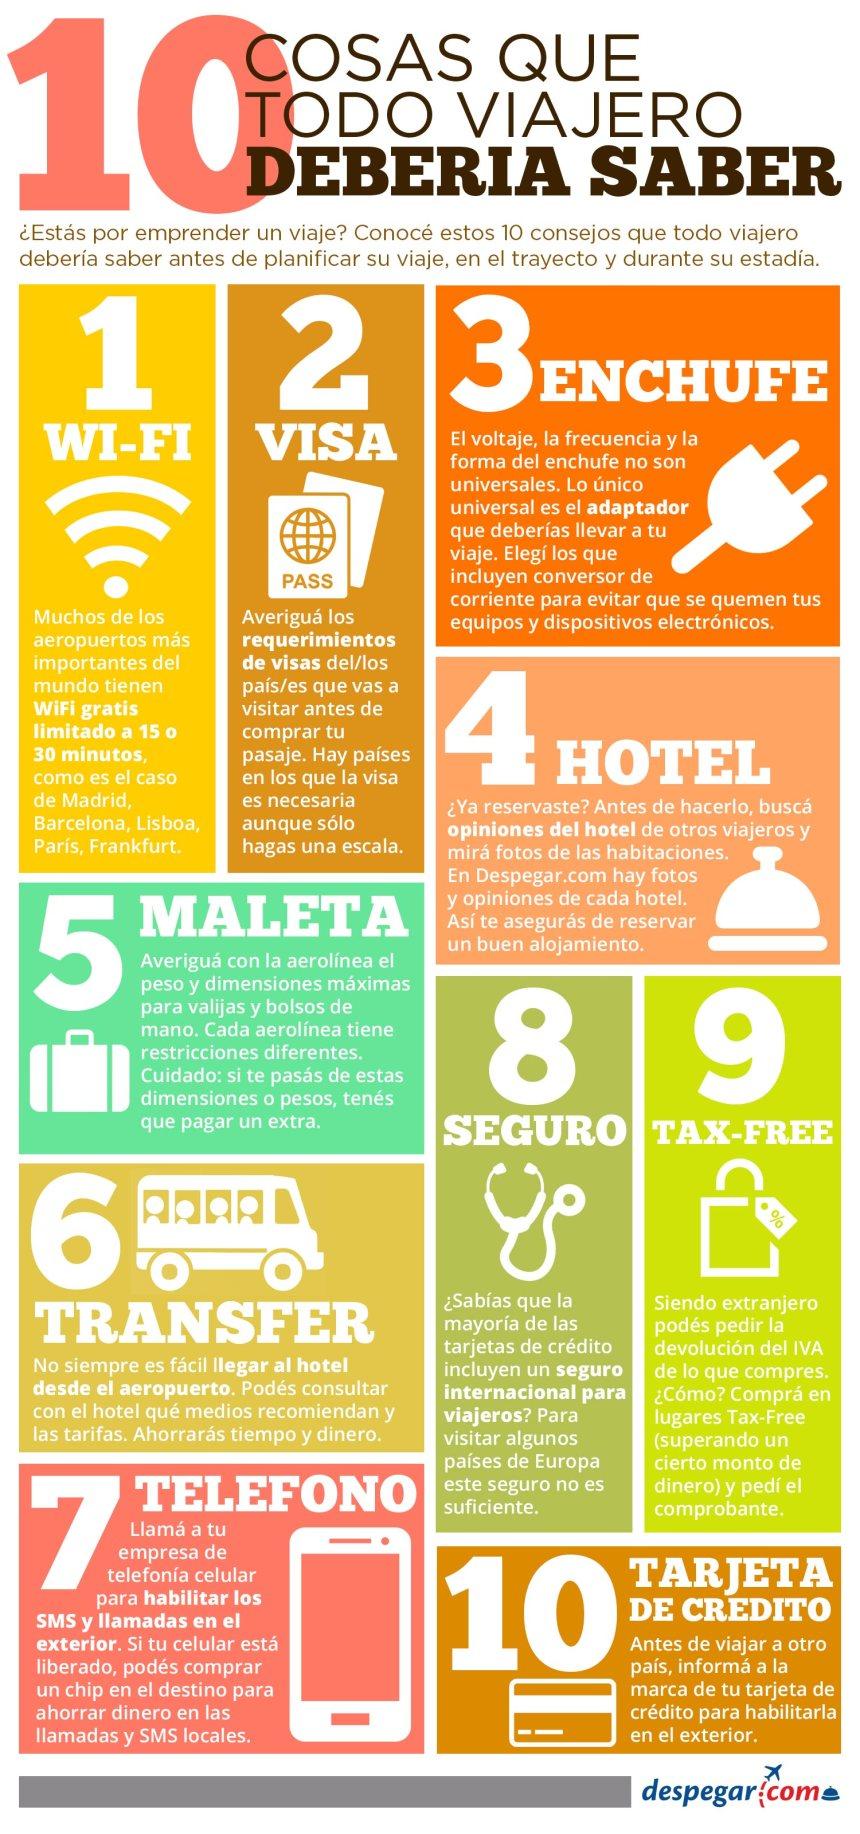 10 cosas que un viajero debe saber antes de viajar